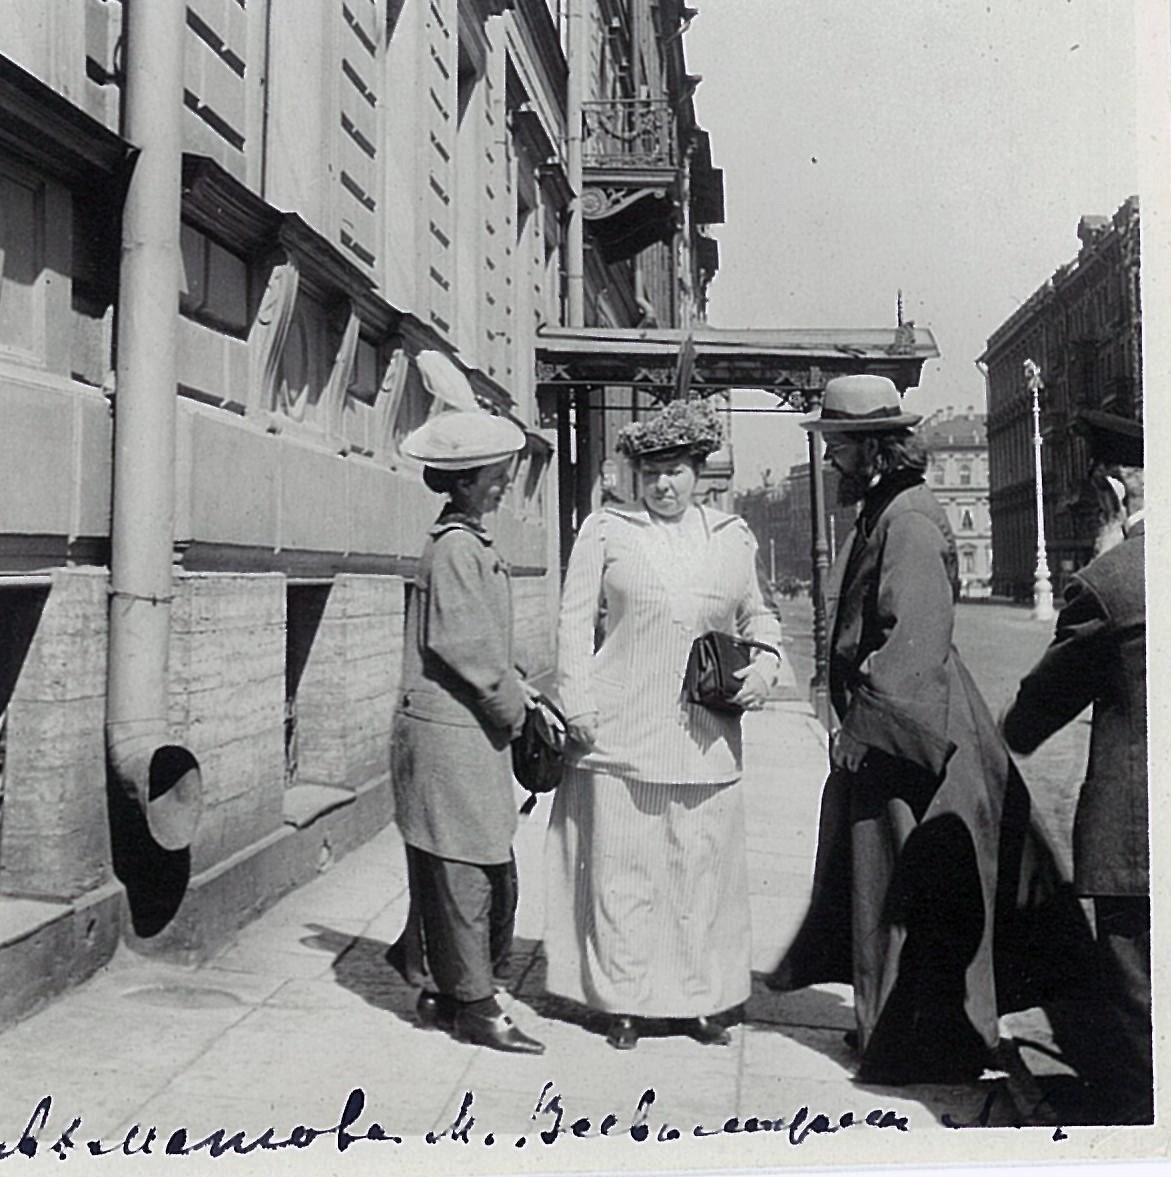 Протоиерей Дмитрий Ахматов с женой и Лидия Маркс-Всеволожская на петербургской улице